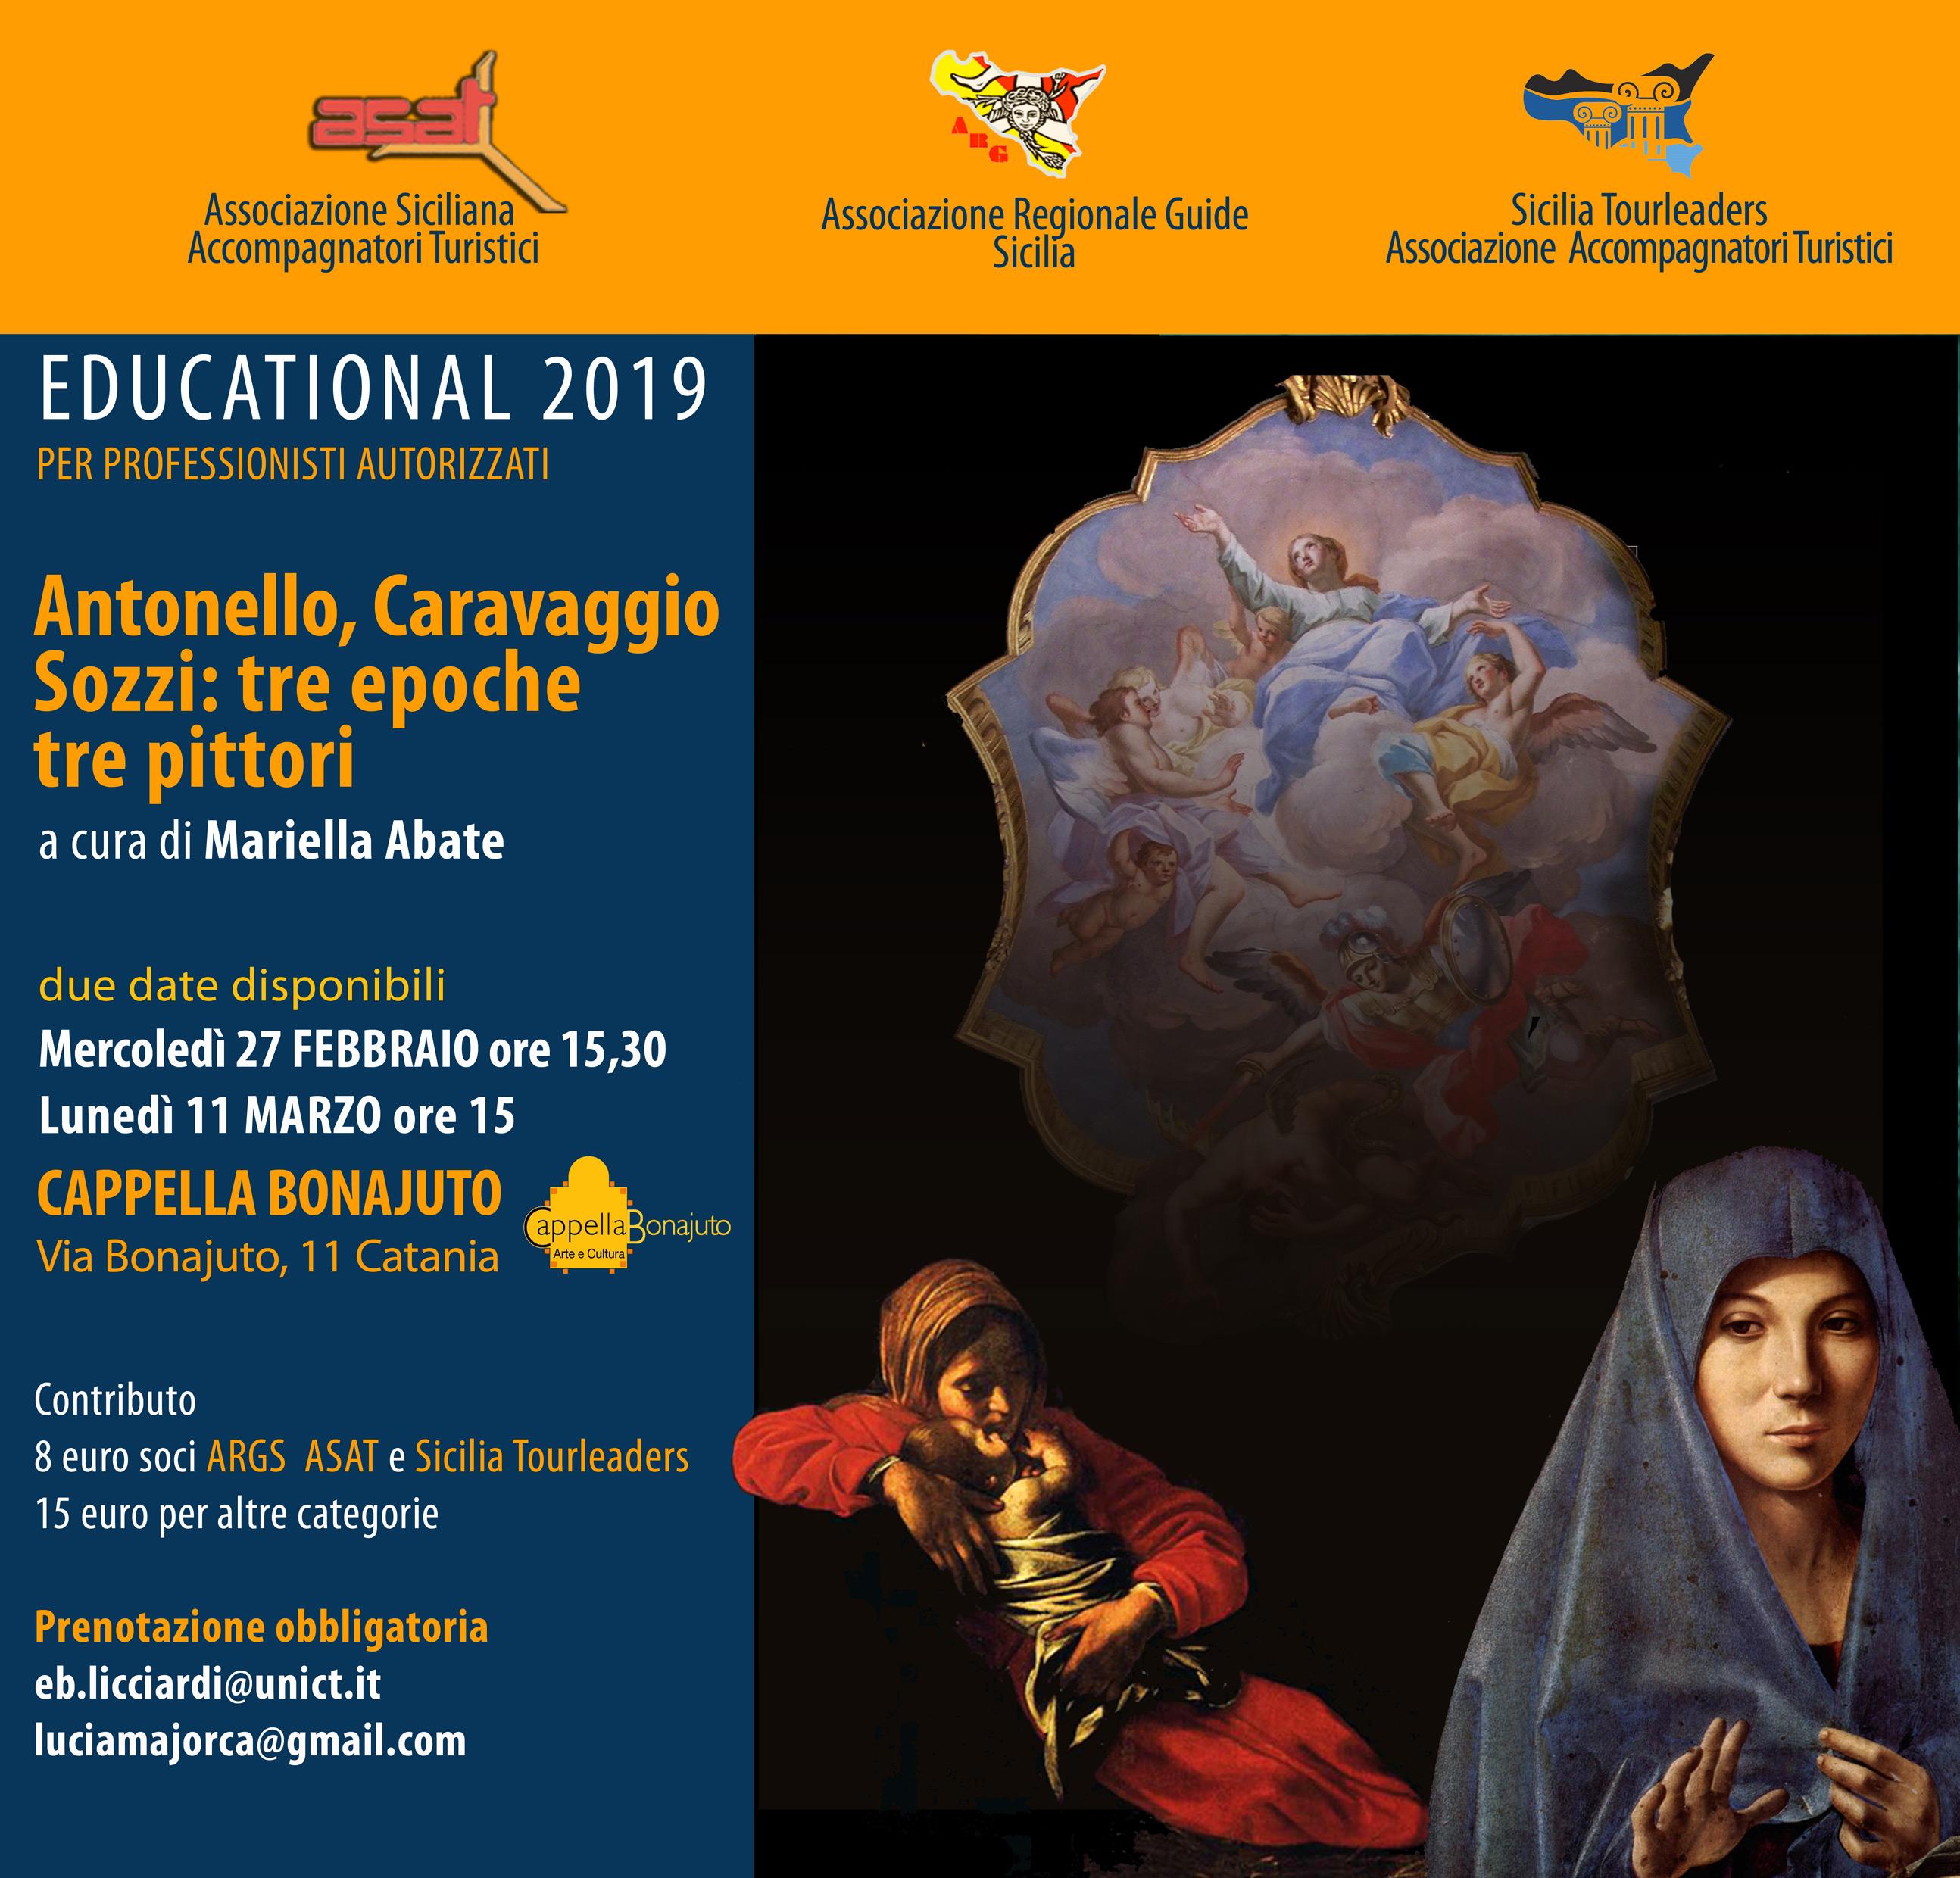 Antonello, Caravaggio, Sozzi